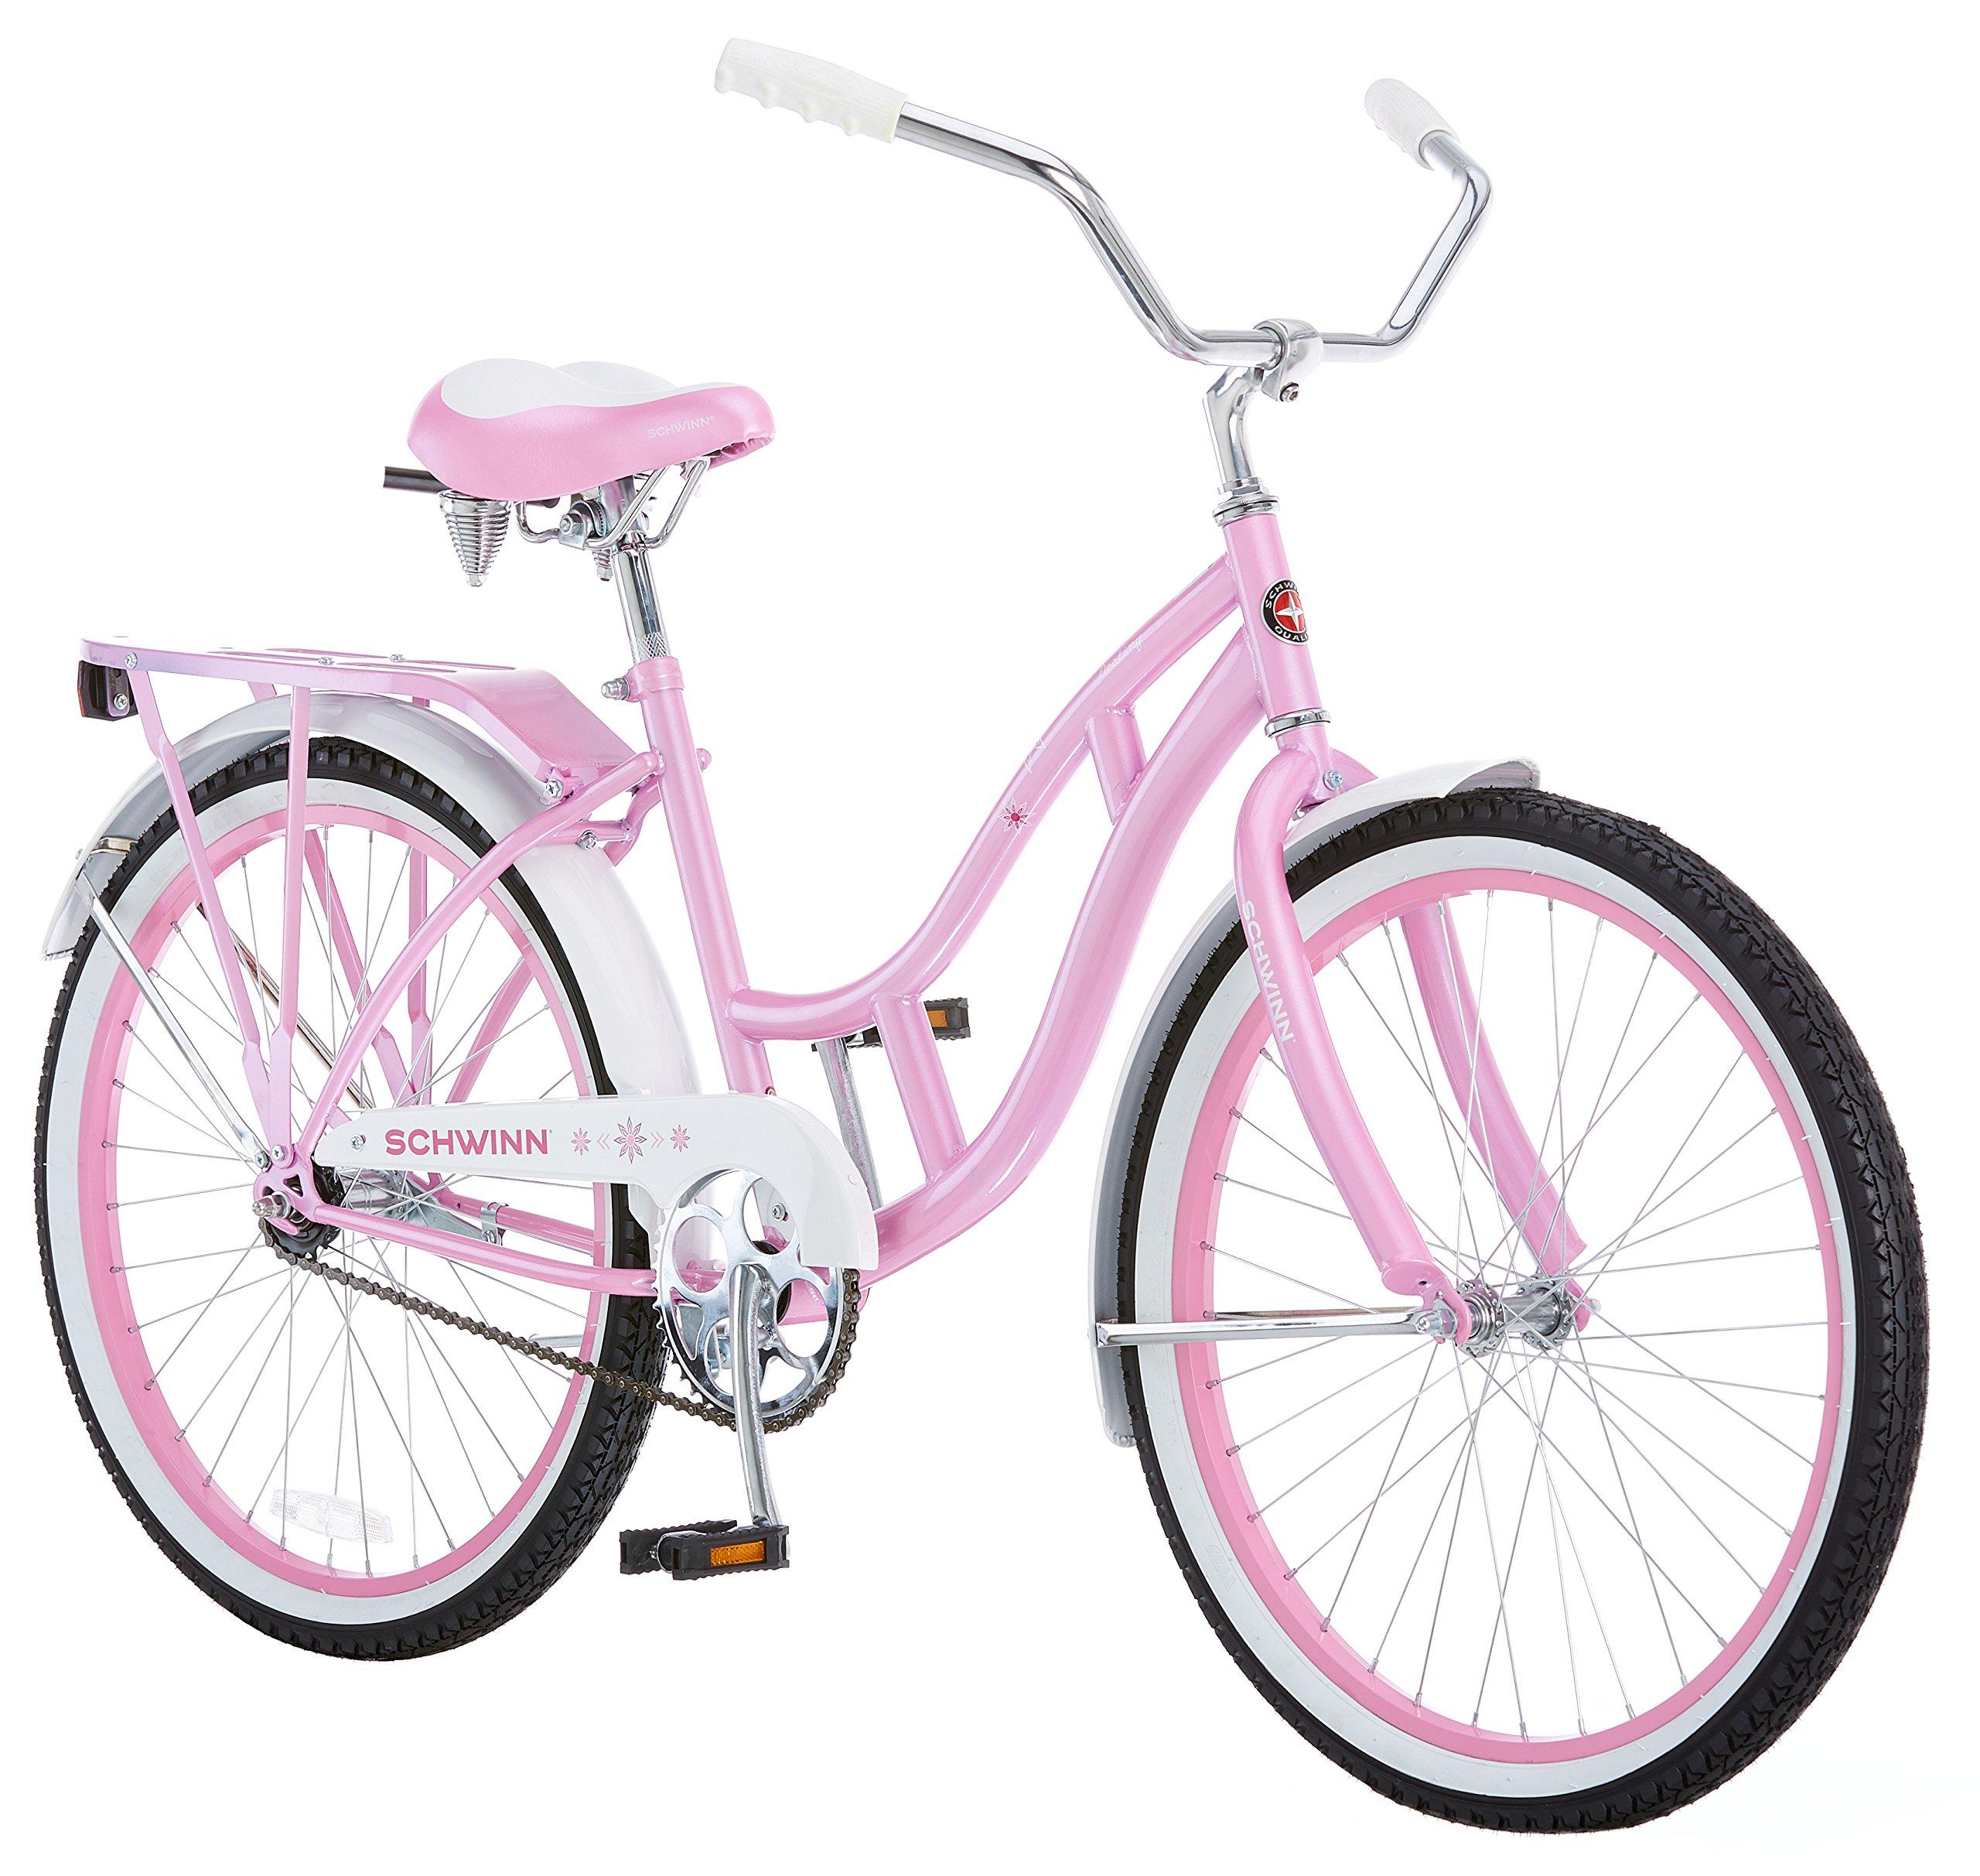 Schwinn Destiny Women's Cruiser bike